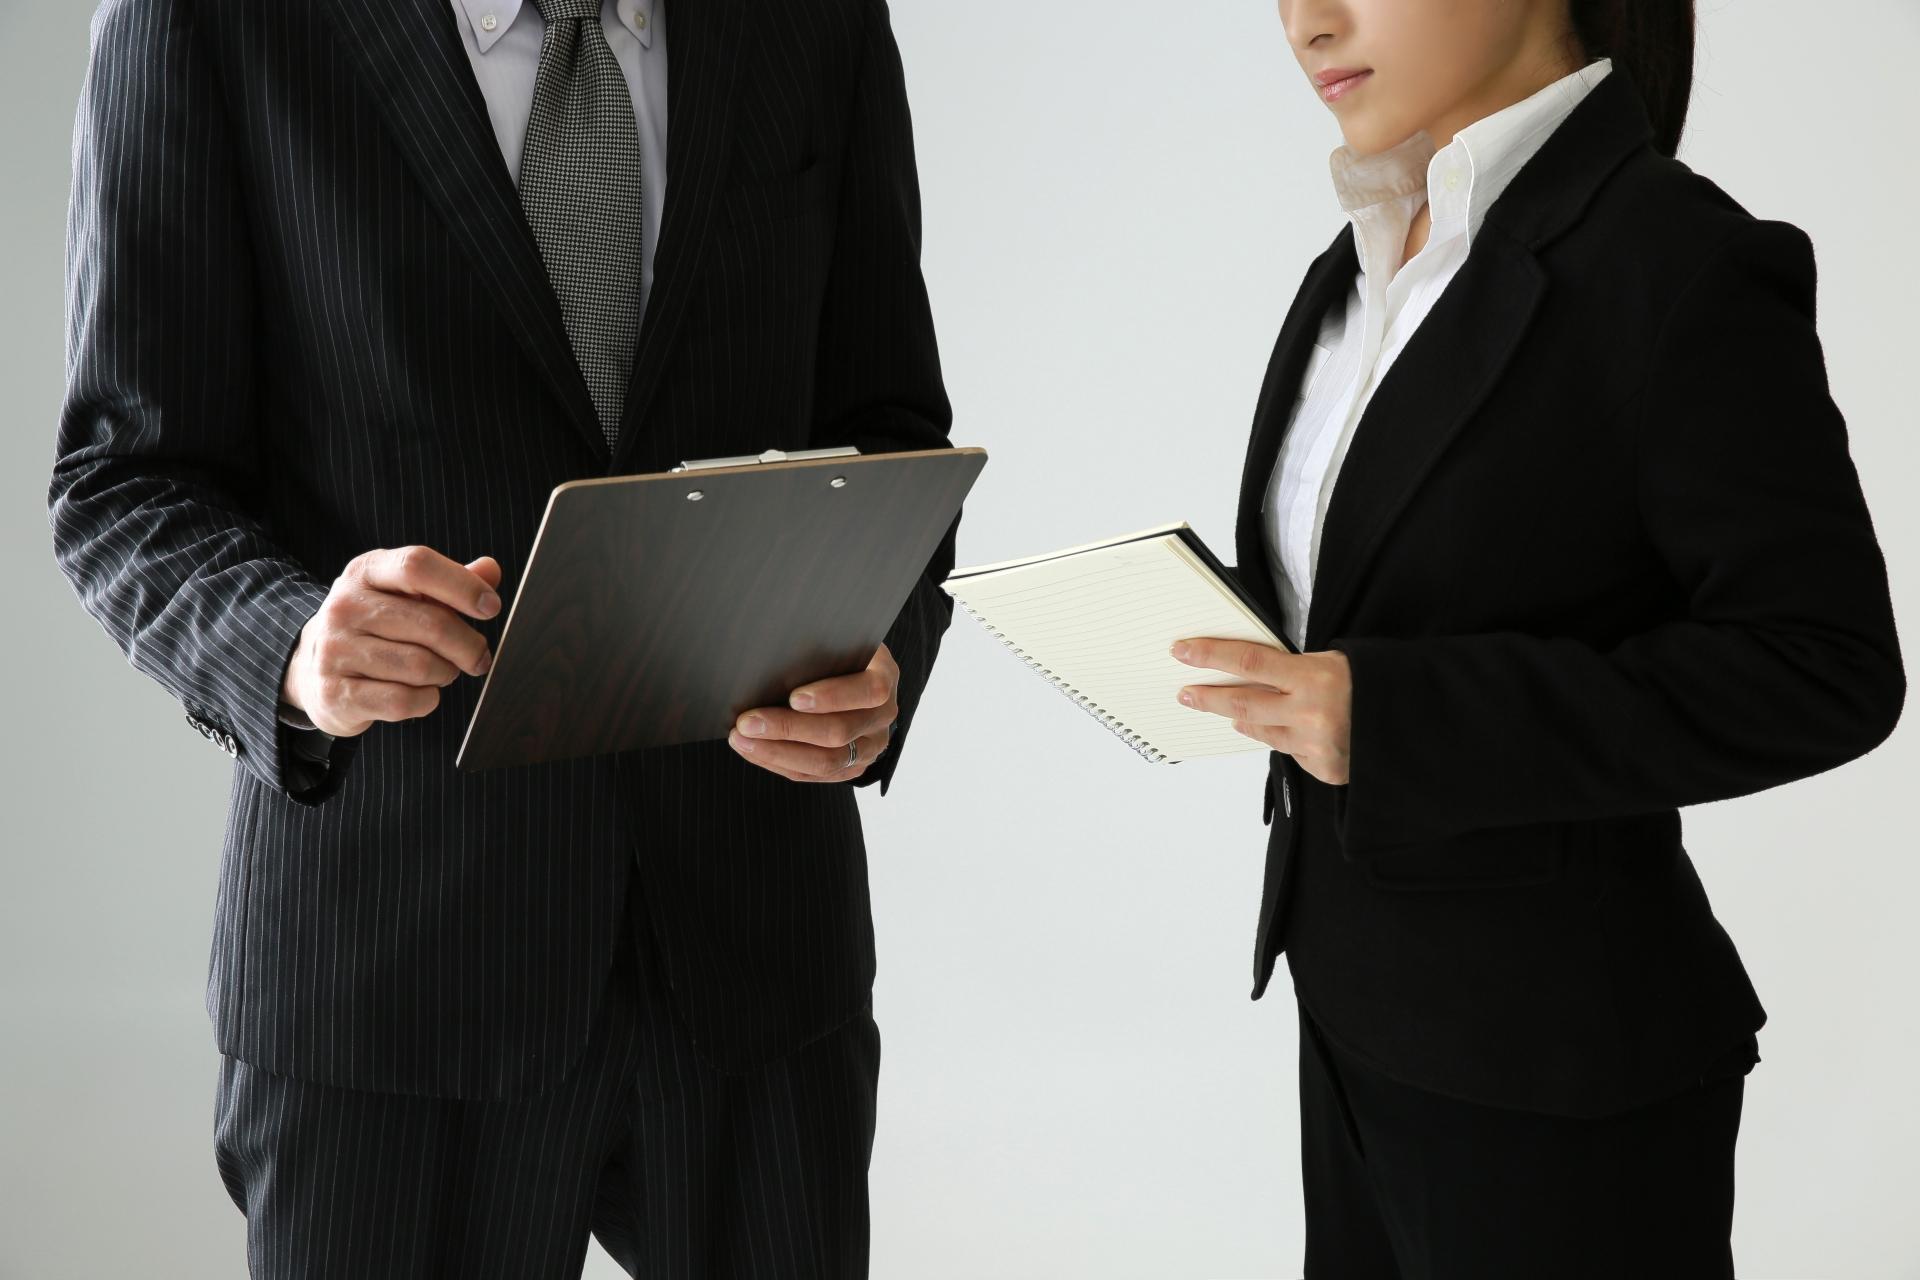 個人事業主はぜひ知っておきたい。福利厚生費は従業員のための経費